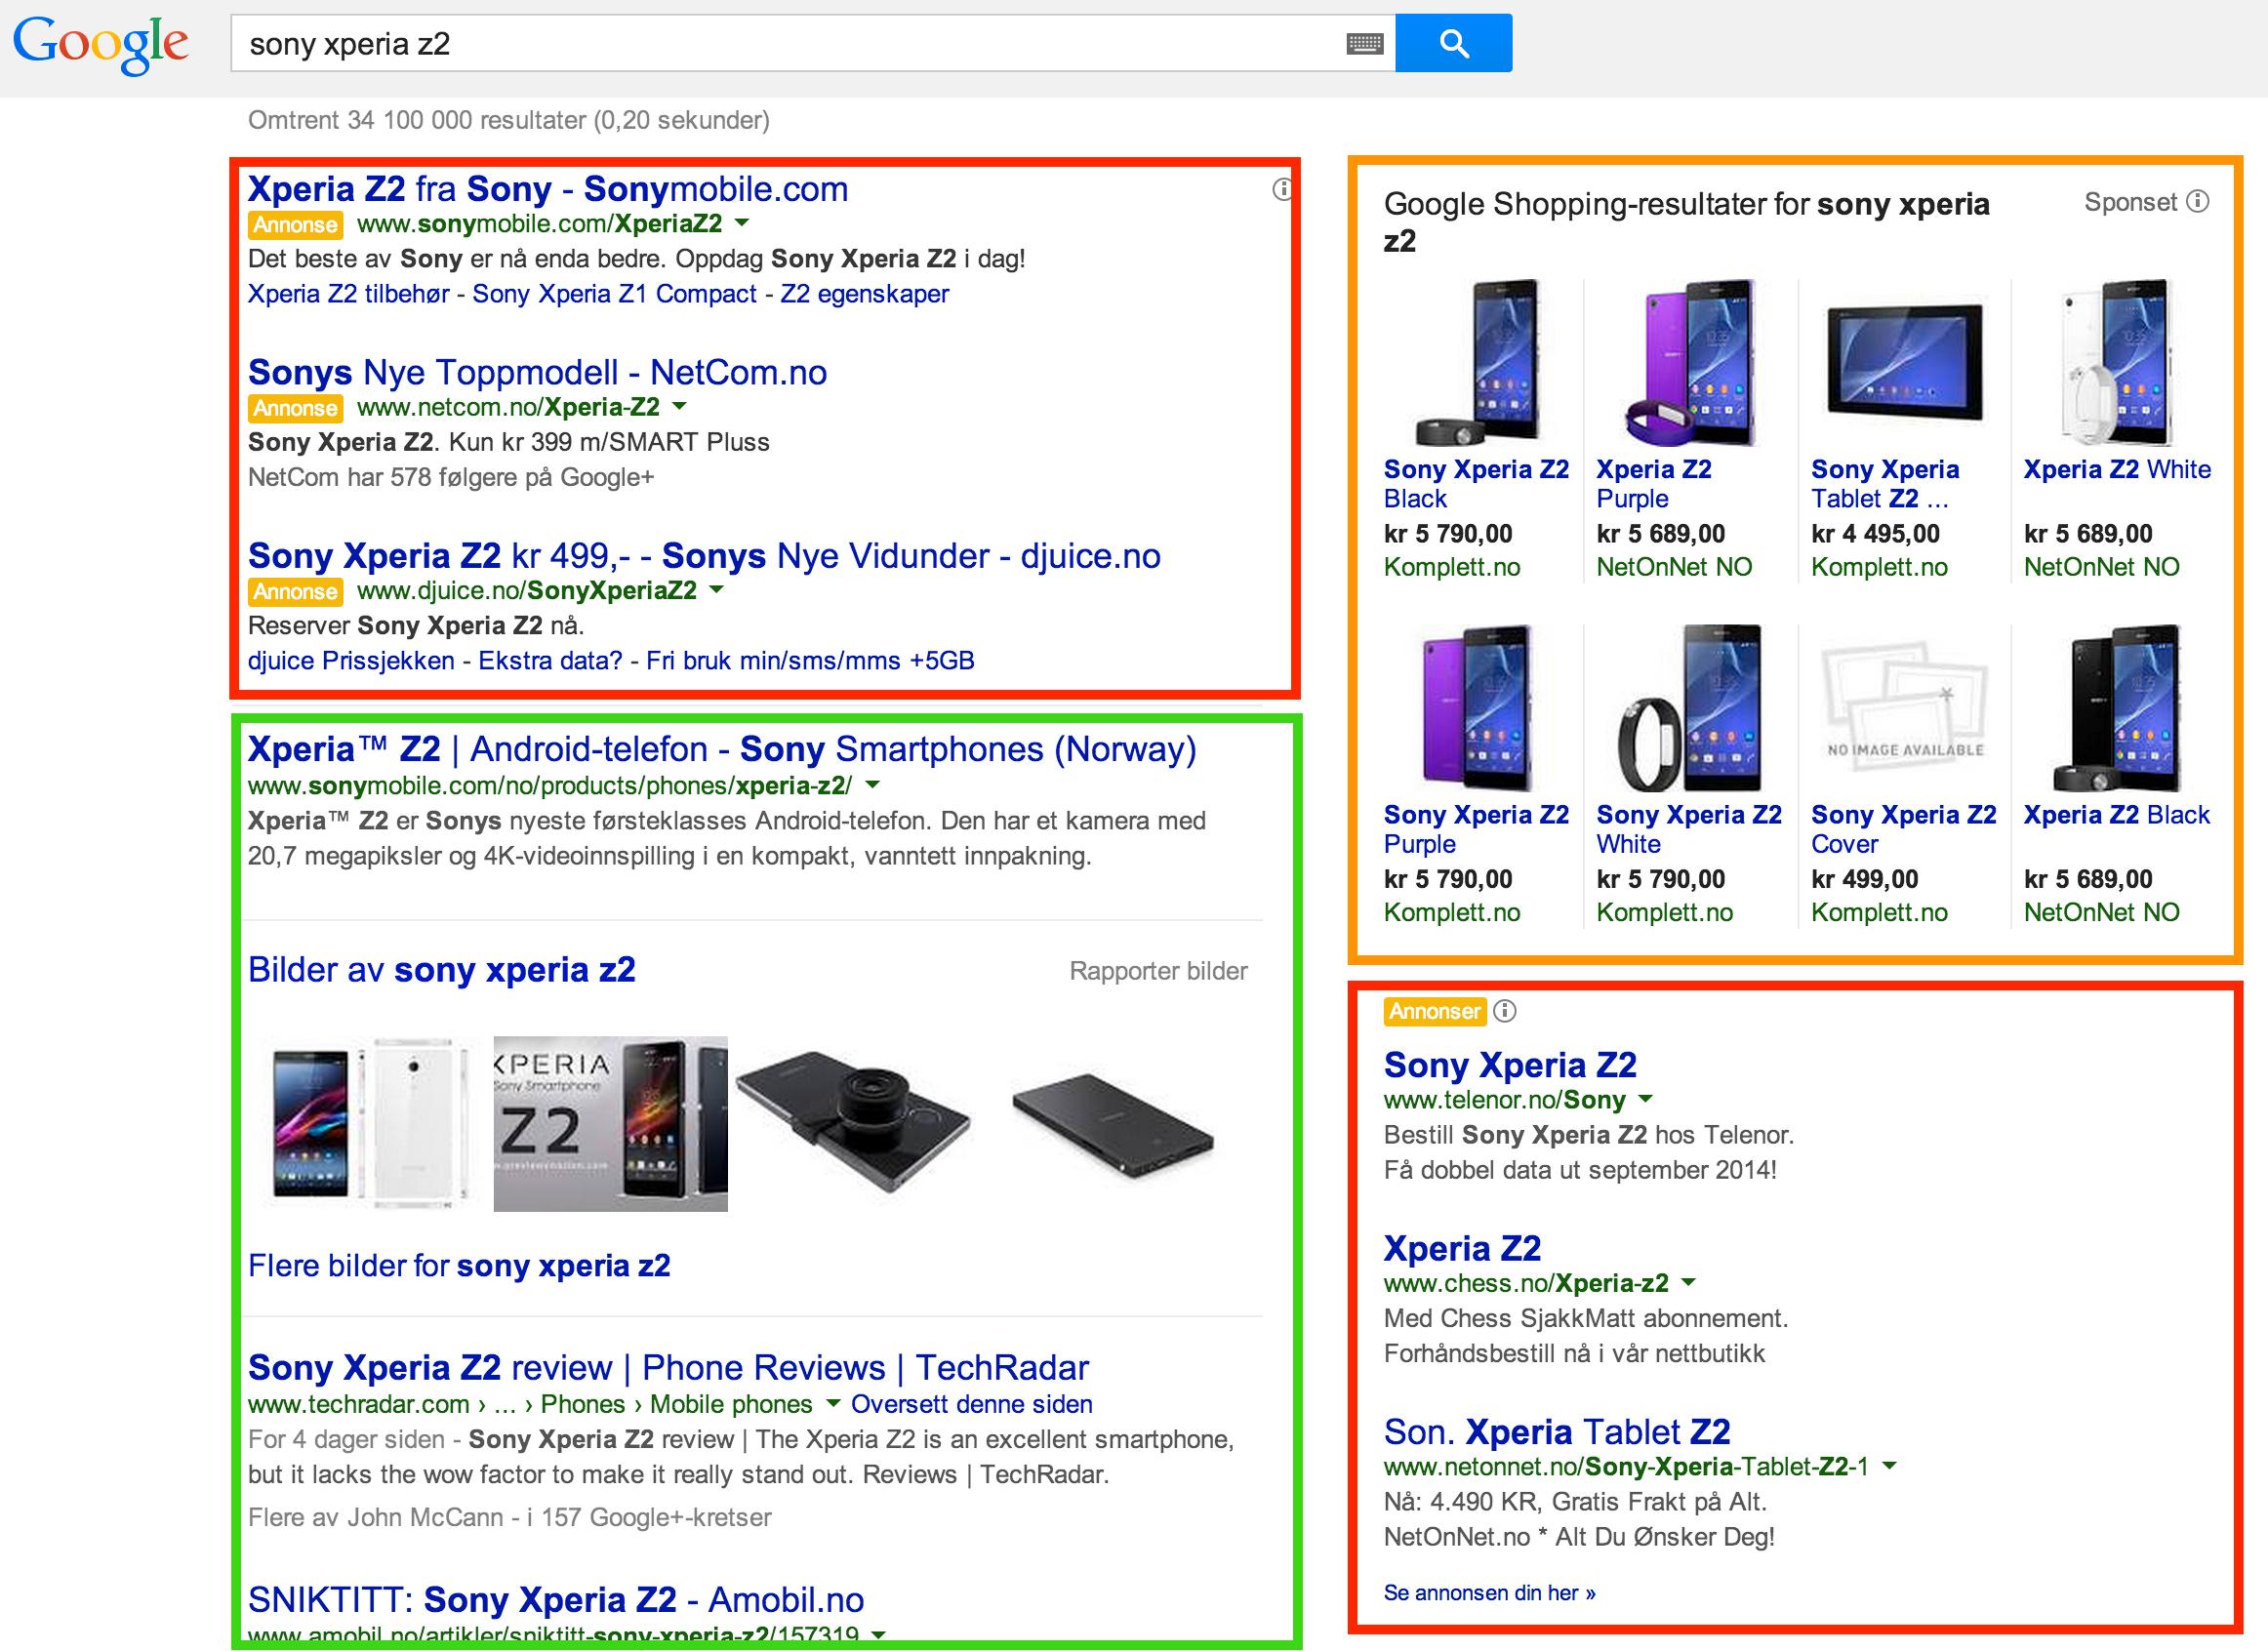 Tekstannonser (rødt), Google Shopping-annonser (oransje) og organiske treff (grønt). Annonsene kan dekke opptil to tredjedeler av søkeresultatet, og enda mer dersom du har en lav skjermoppløsning.